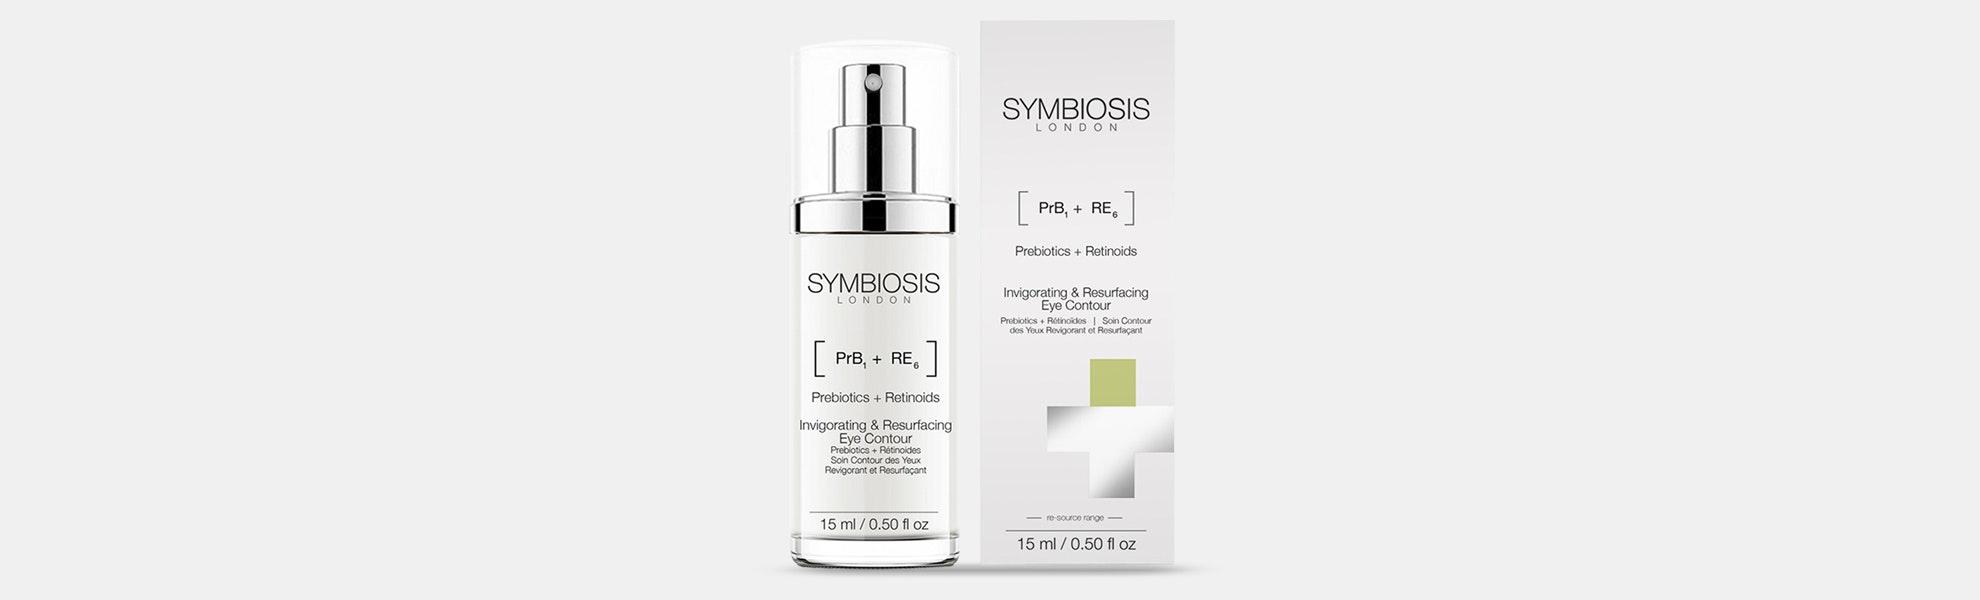 Symbiosis Invigorating & Resurfacing Eye Contour